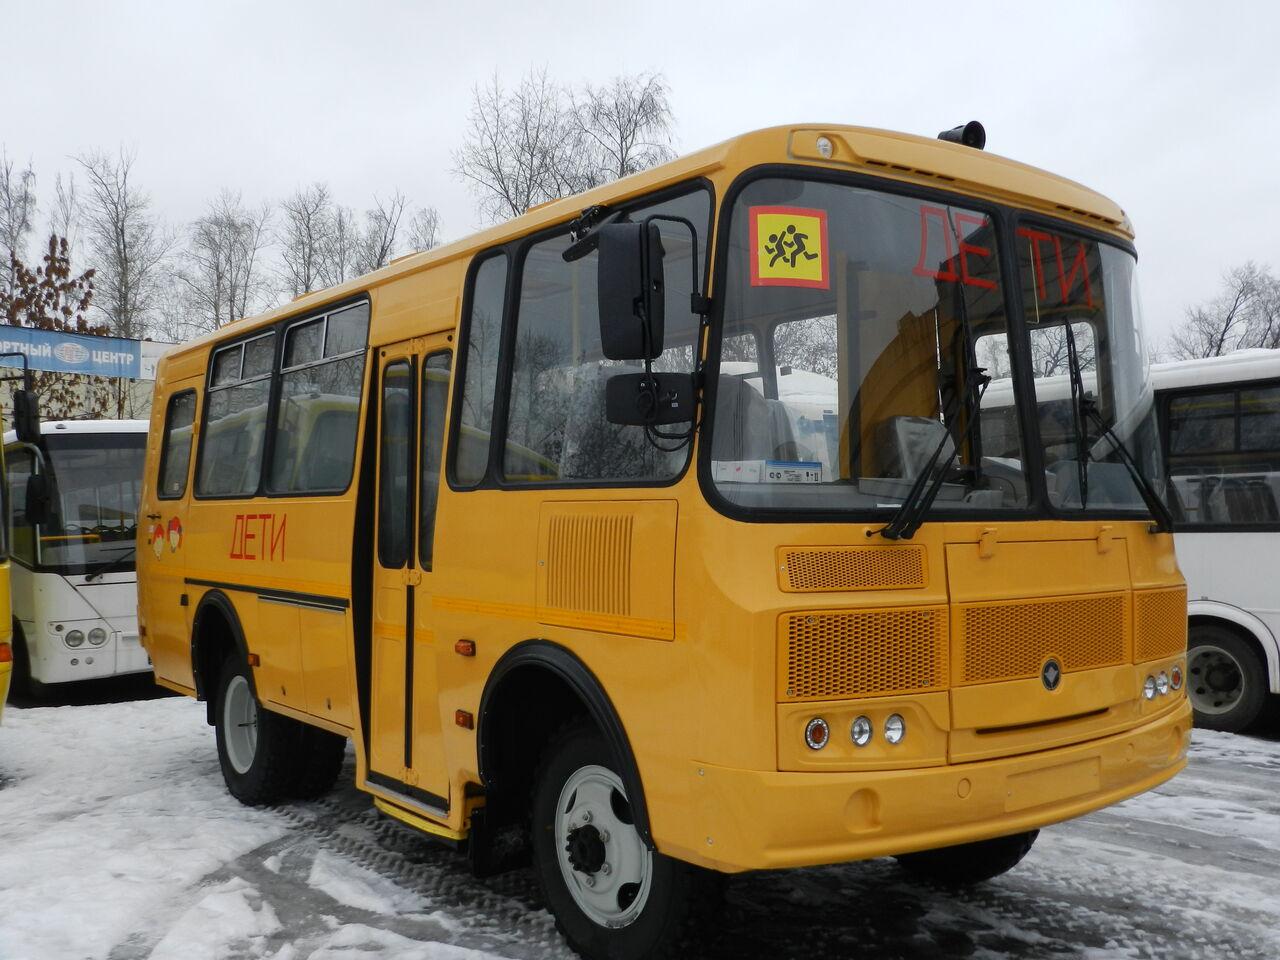 ВОмске автоледи зарулём Тоёта протаранила ученический автобус